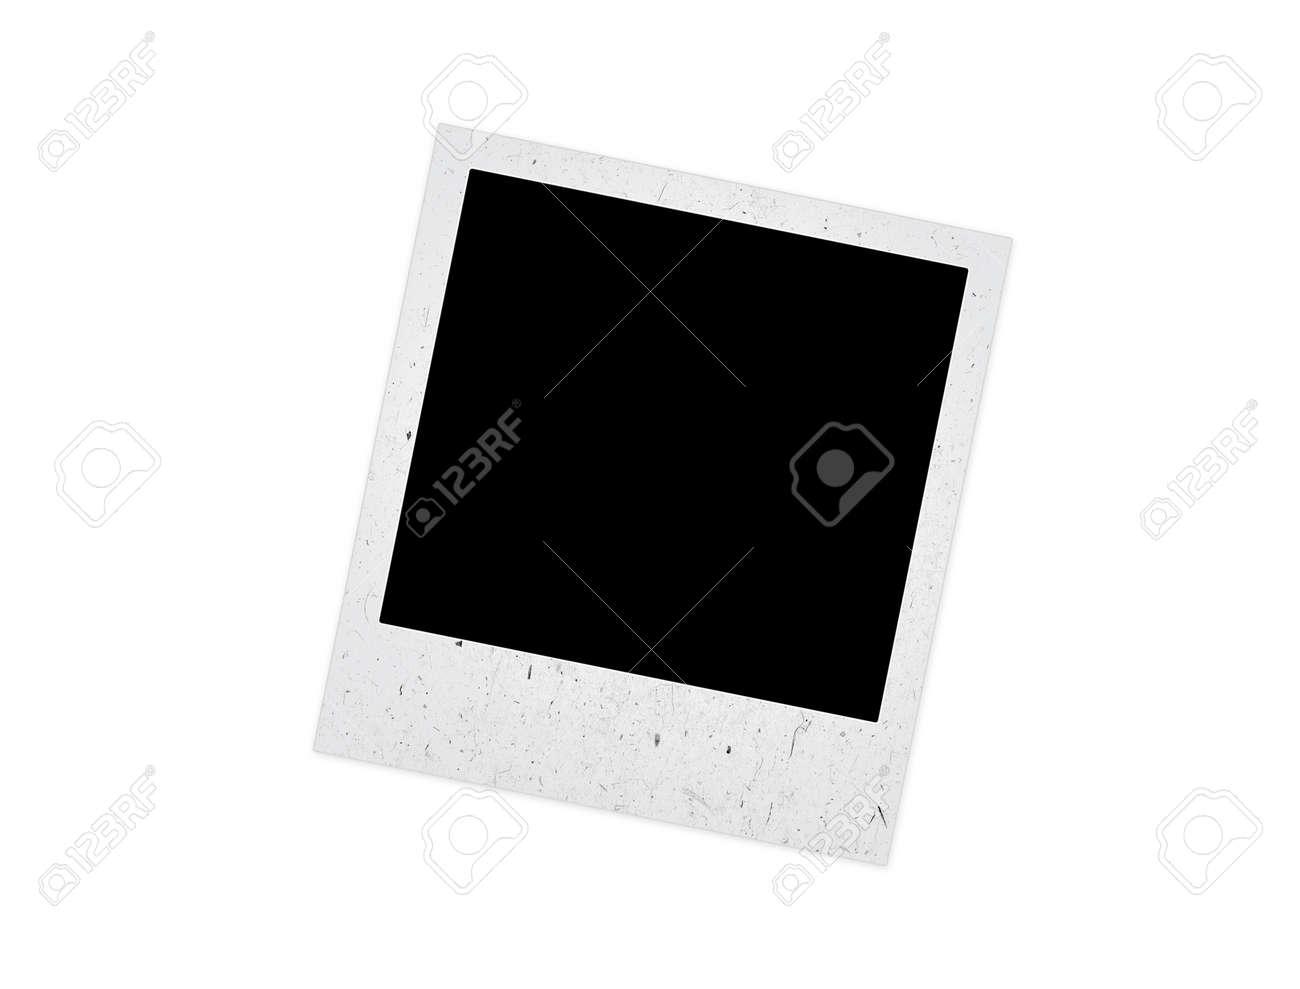 Alte Polaroid-Rahmen Auf Weißem Hintergrund Lizenzfreie Fotos ...